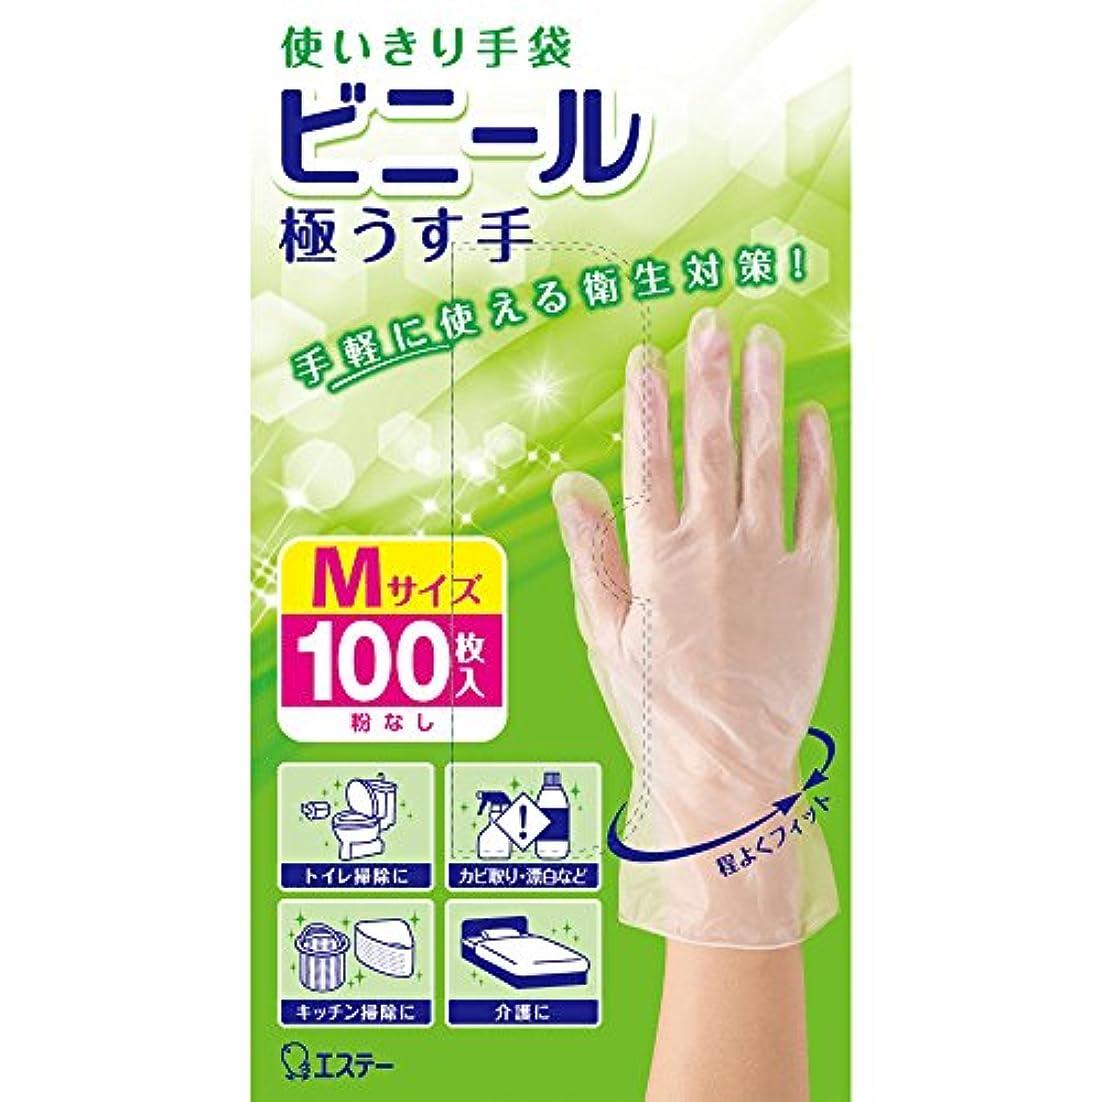 契約する首相ギャンブル使いきり手袋 ビニール 極うす手 炊事?掃除用 Mサイズ 半透明 100枚